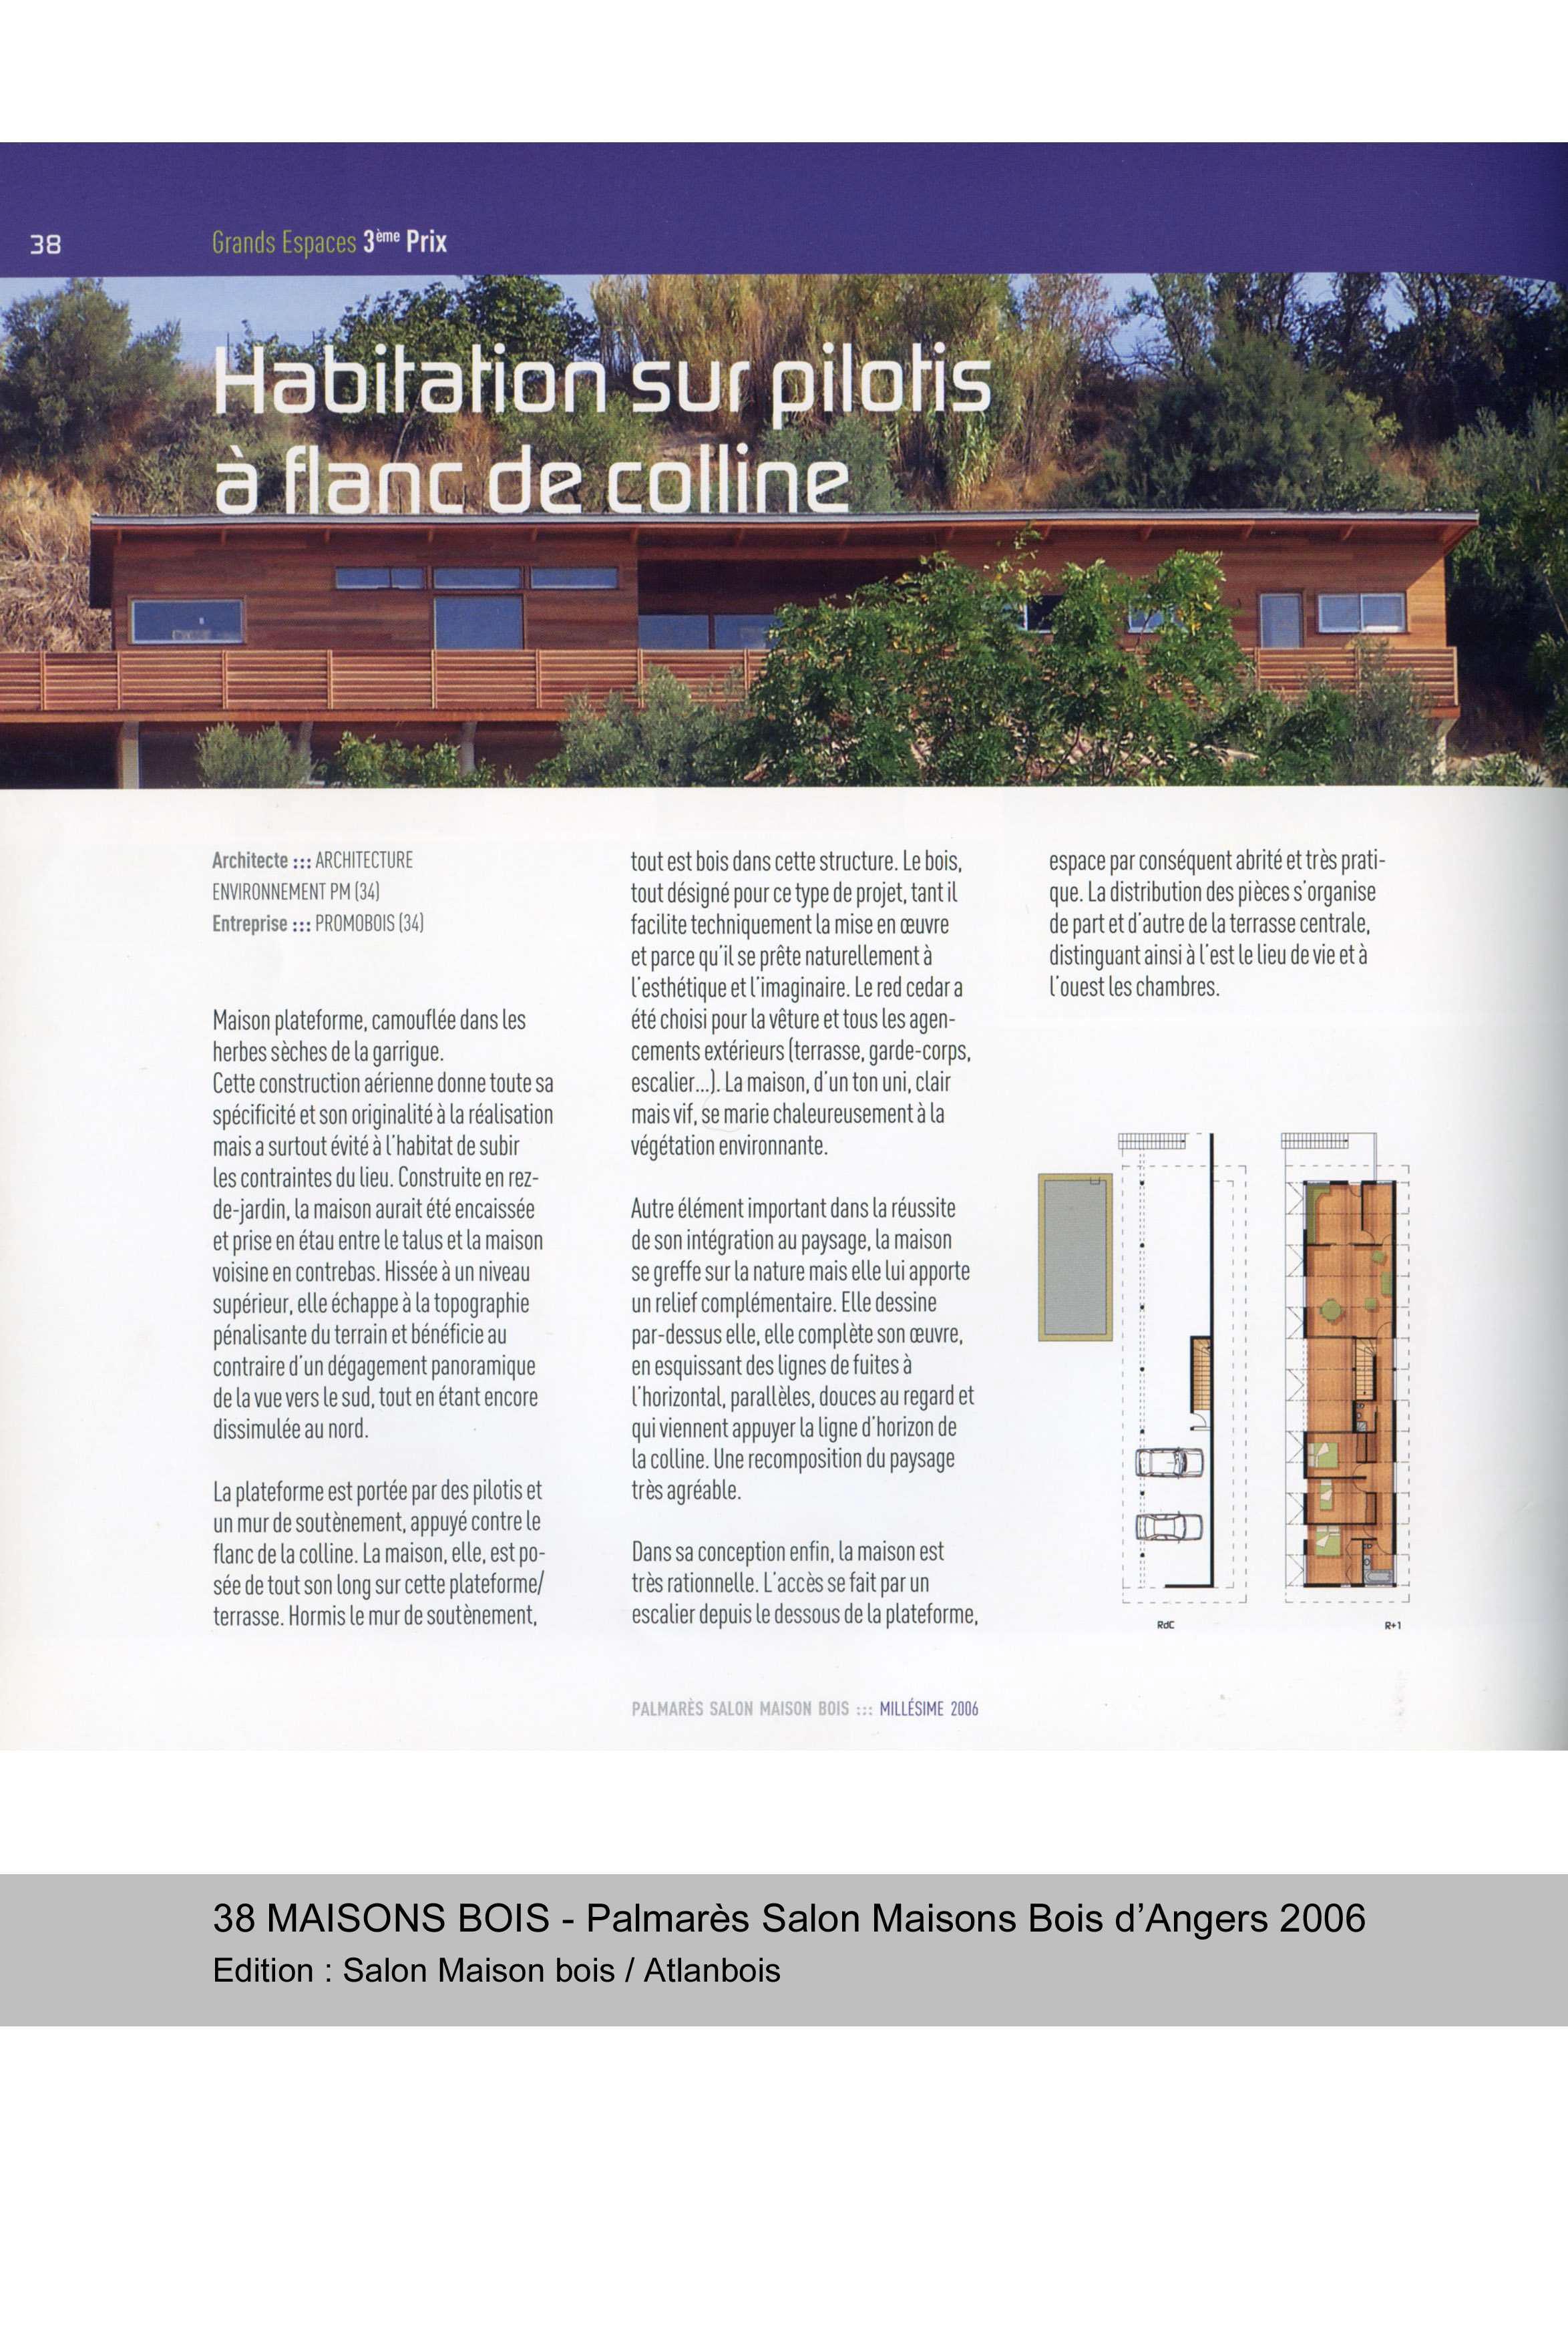 palmares-salon-maison-bois-dangers-2006-habitation-sur-pilotis-a-flanc-de-colline